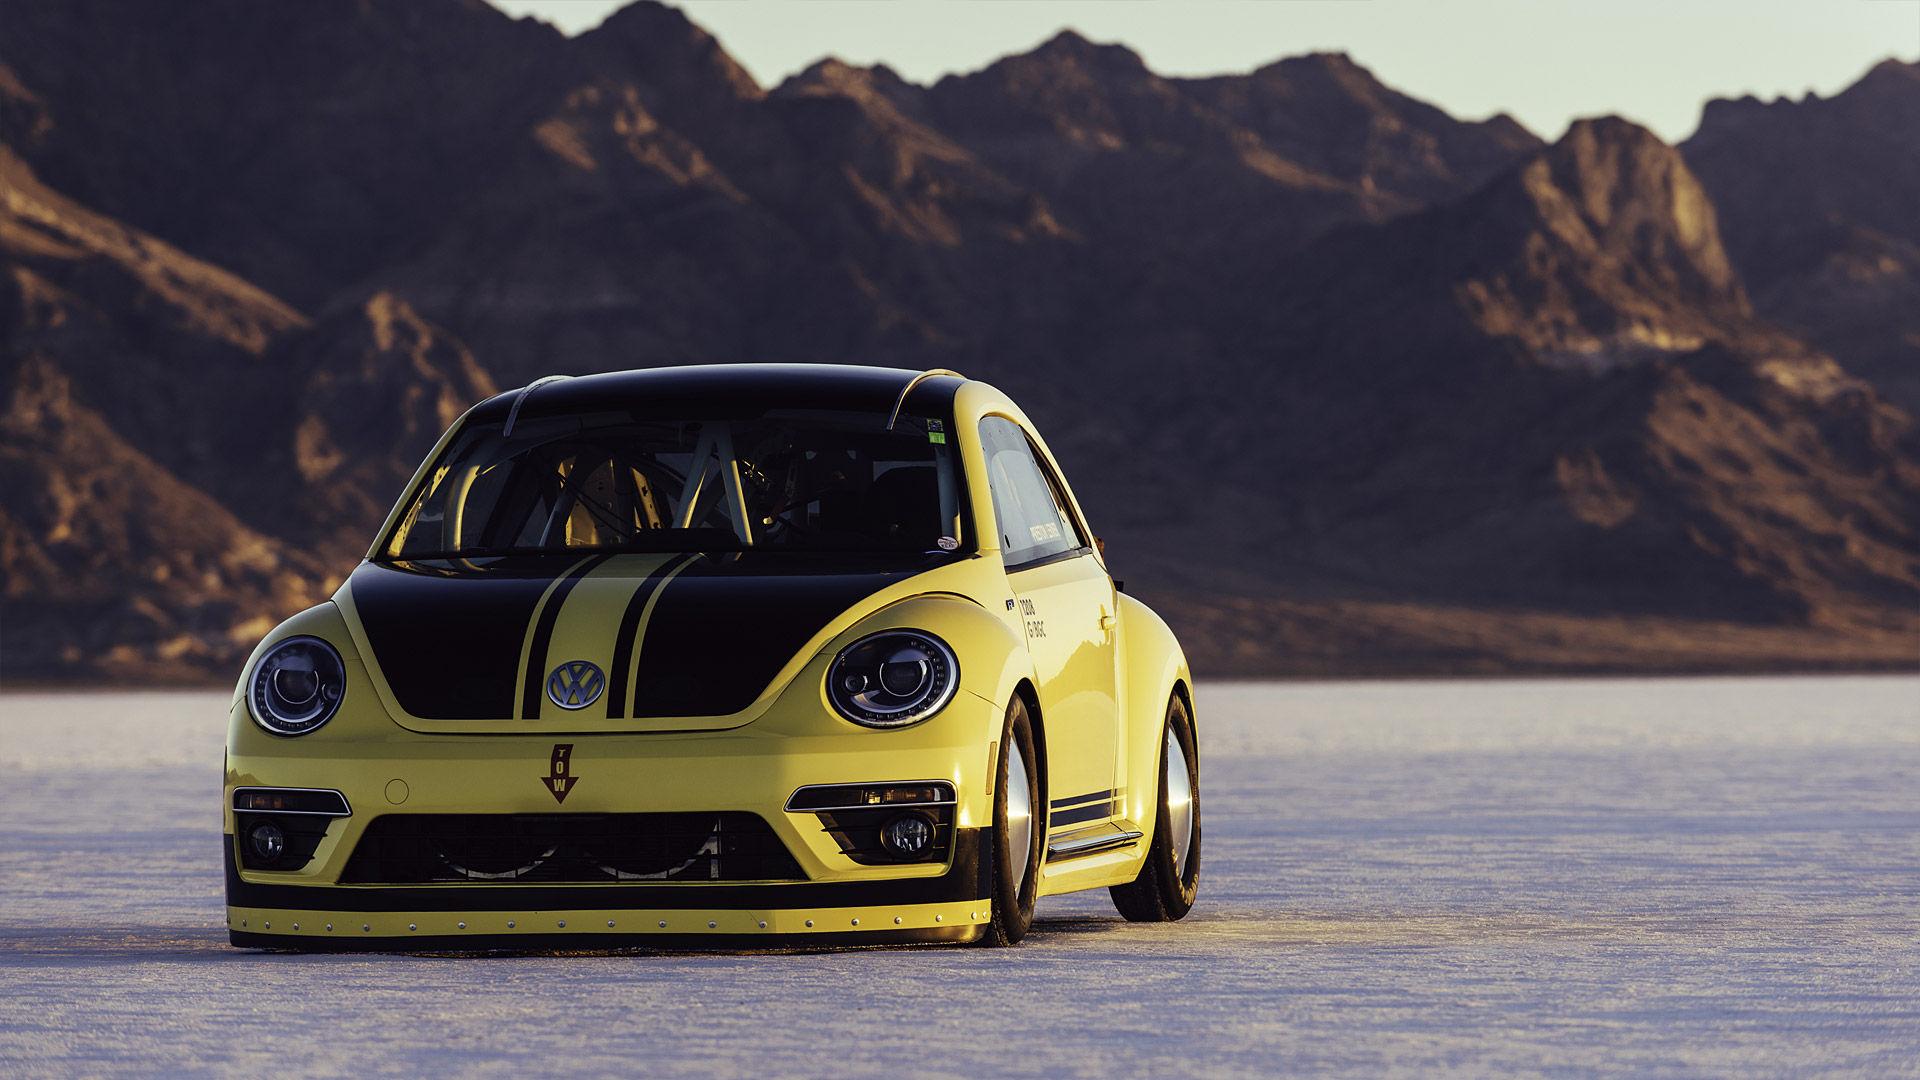 2016 Volkswagen Beetle LSR